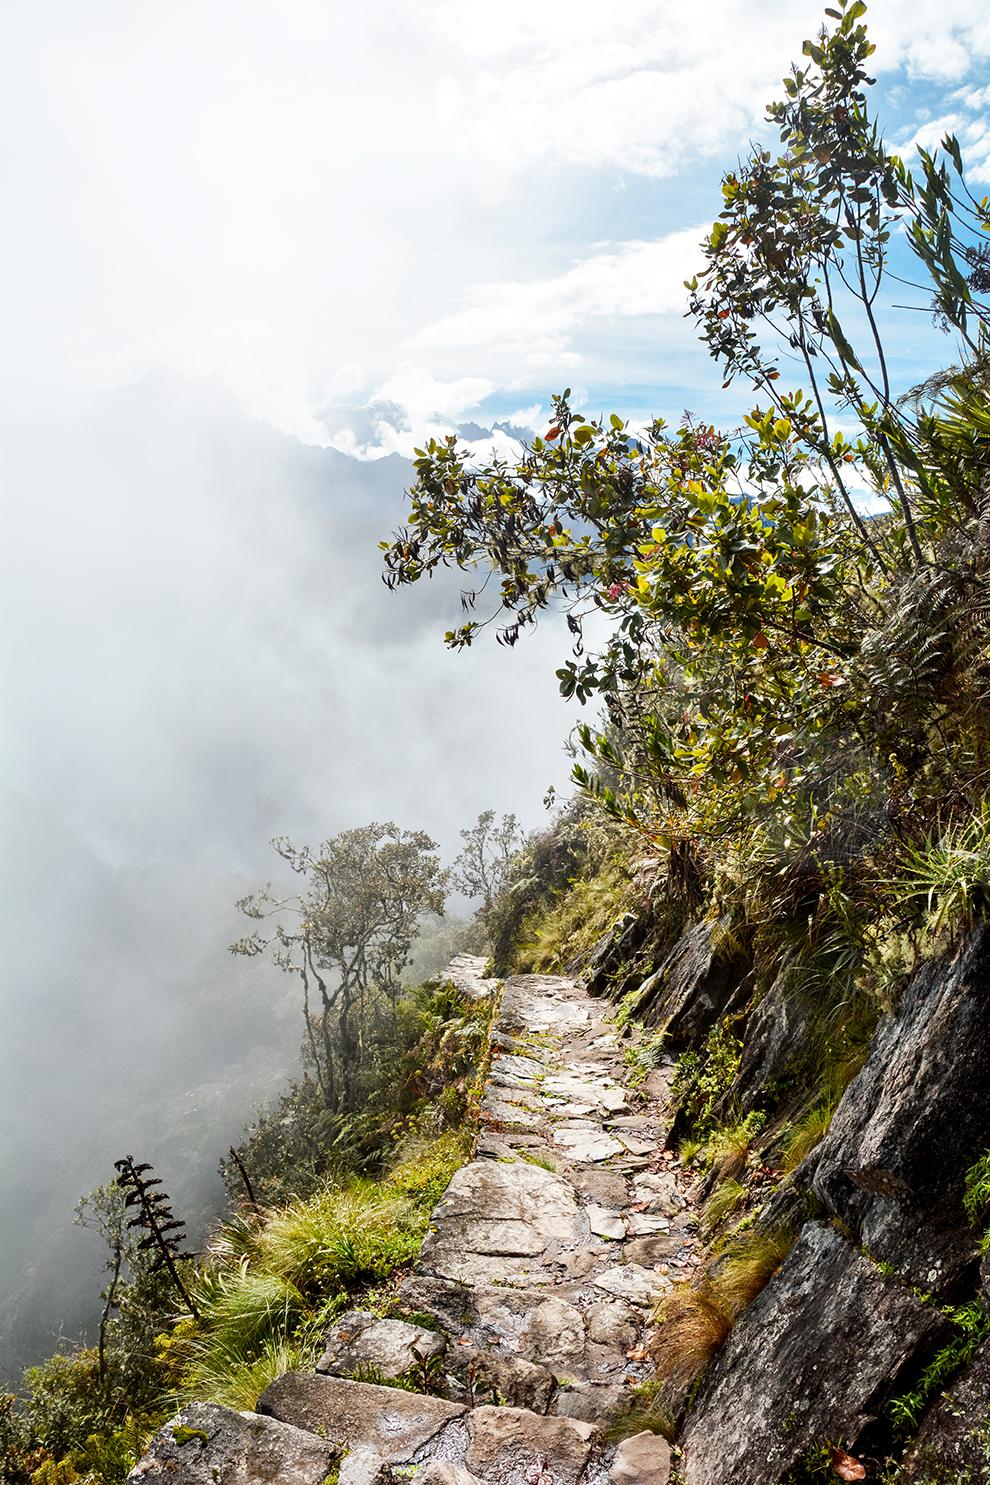 Avontuurlijk stenen wandelpad op de Montaña Machu Picchu in Peru